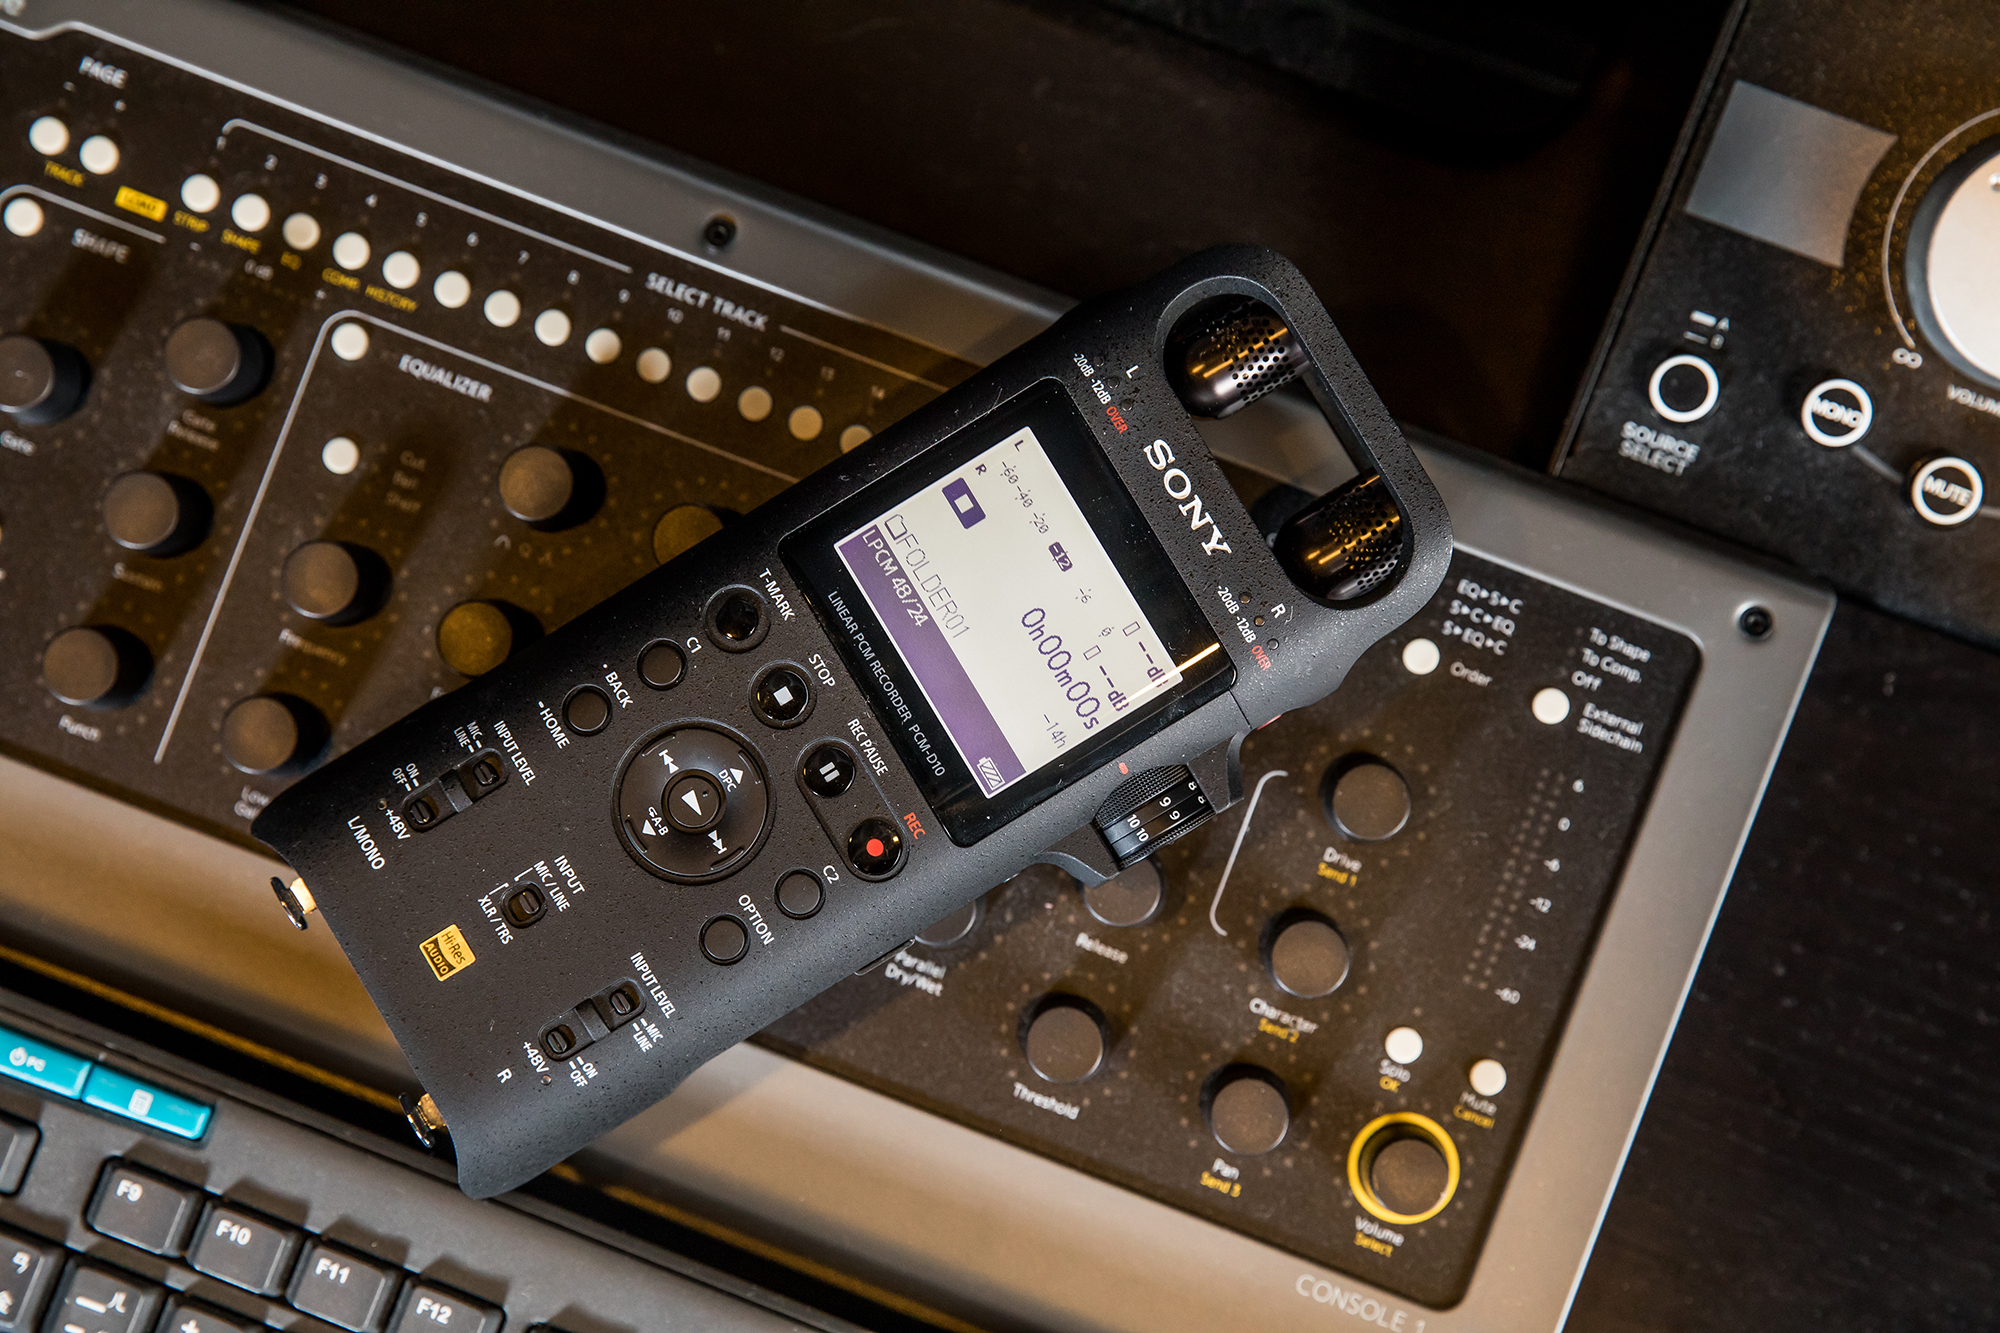 Sony PCM-D10之所以能錄製令人滿意的音質,最大關鍵在於支援92 kHz/24位元高解析音訊,同時還�載三向式內建麥克風。